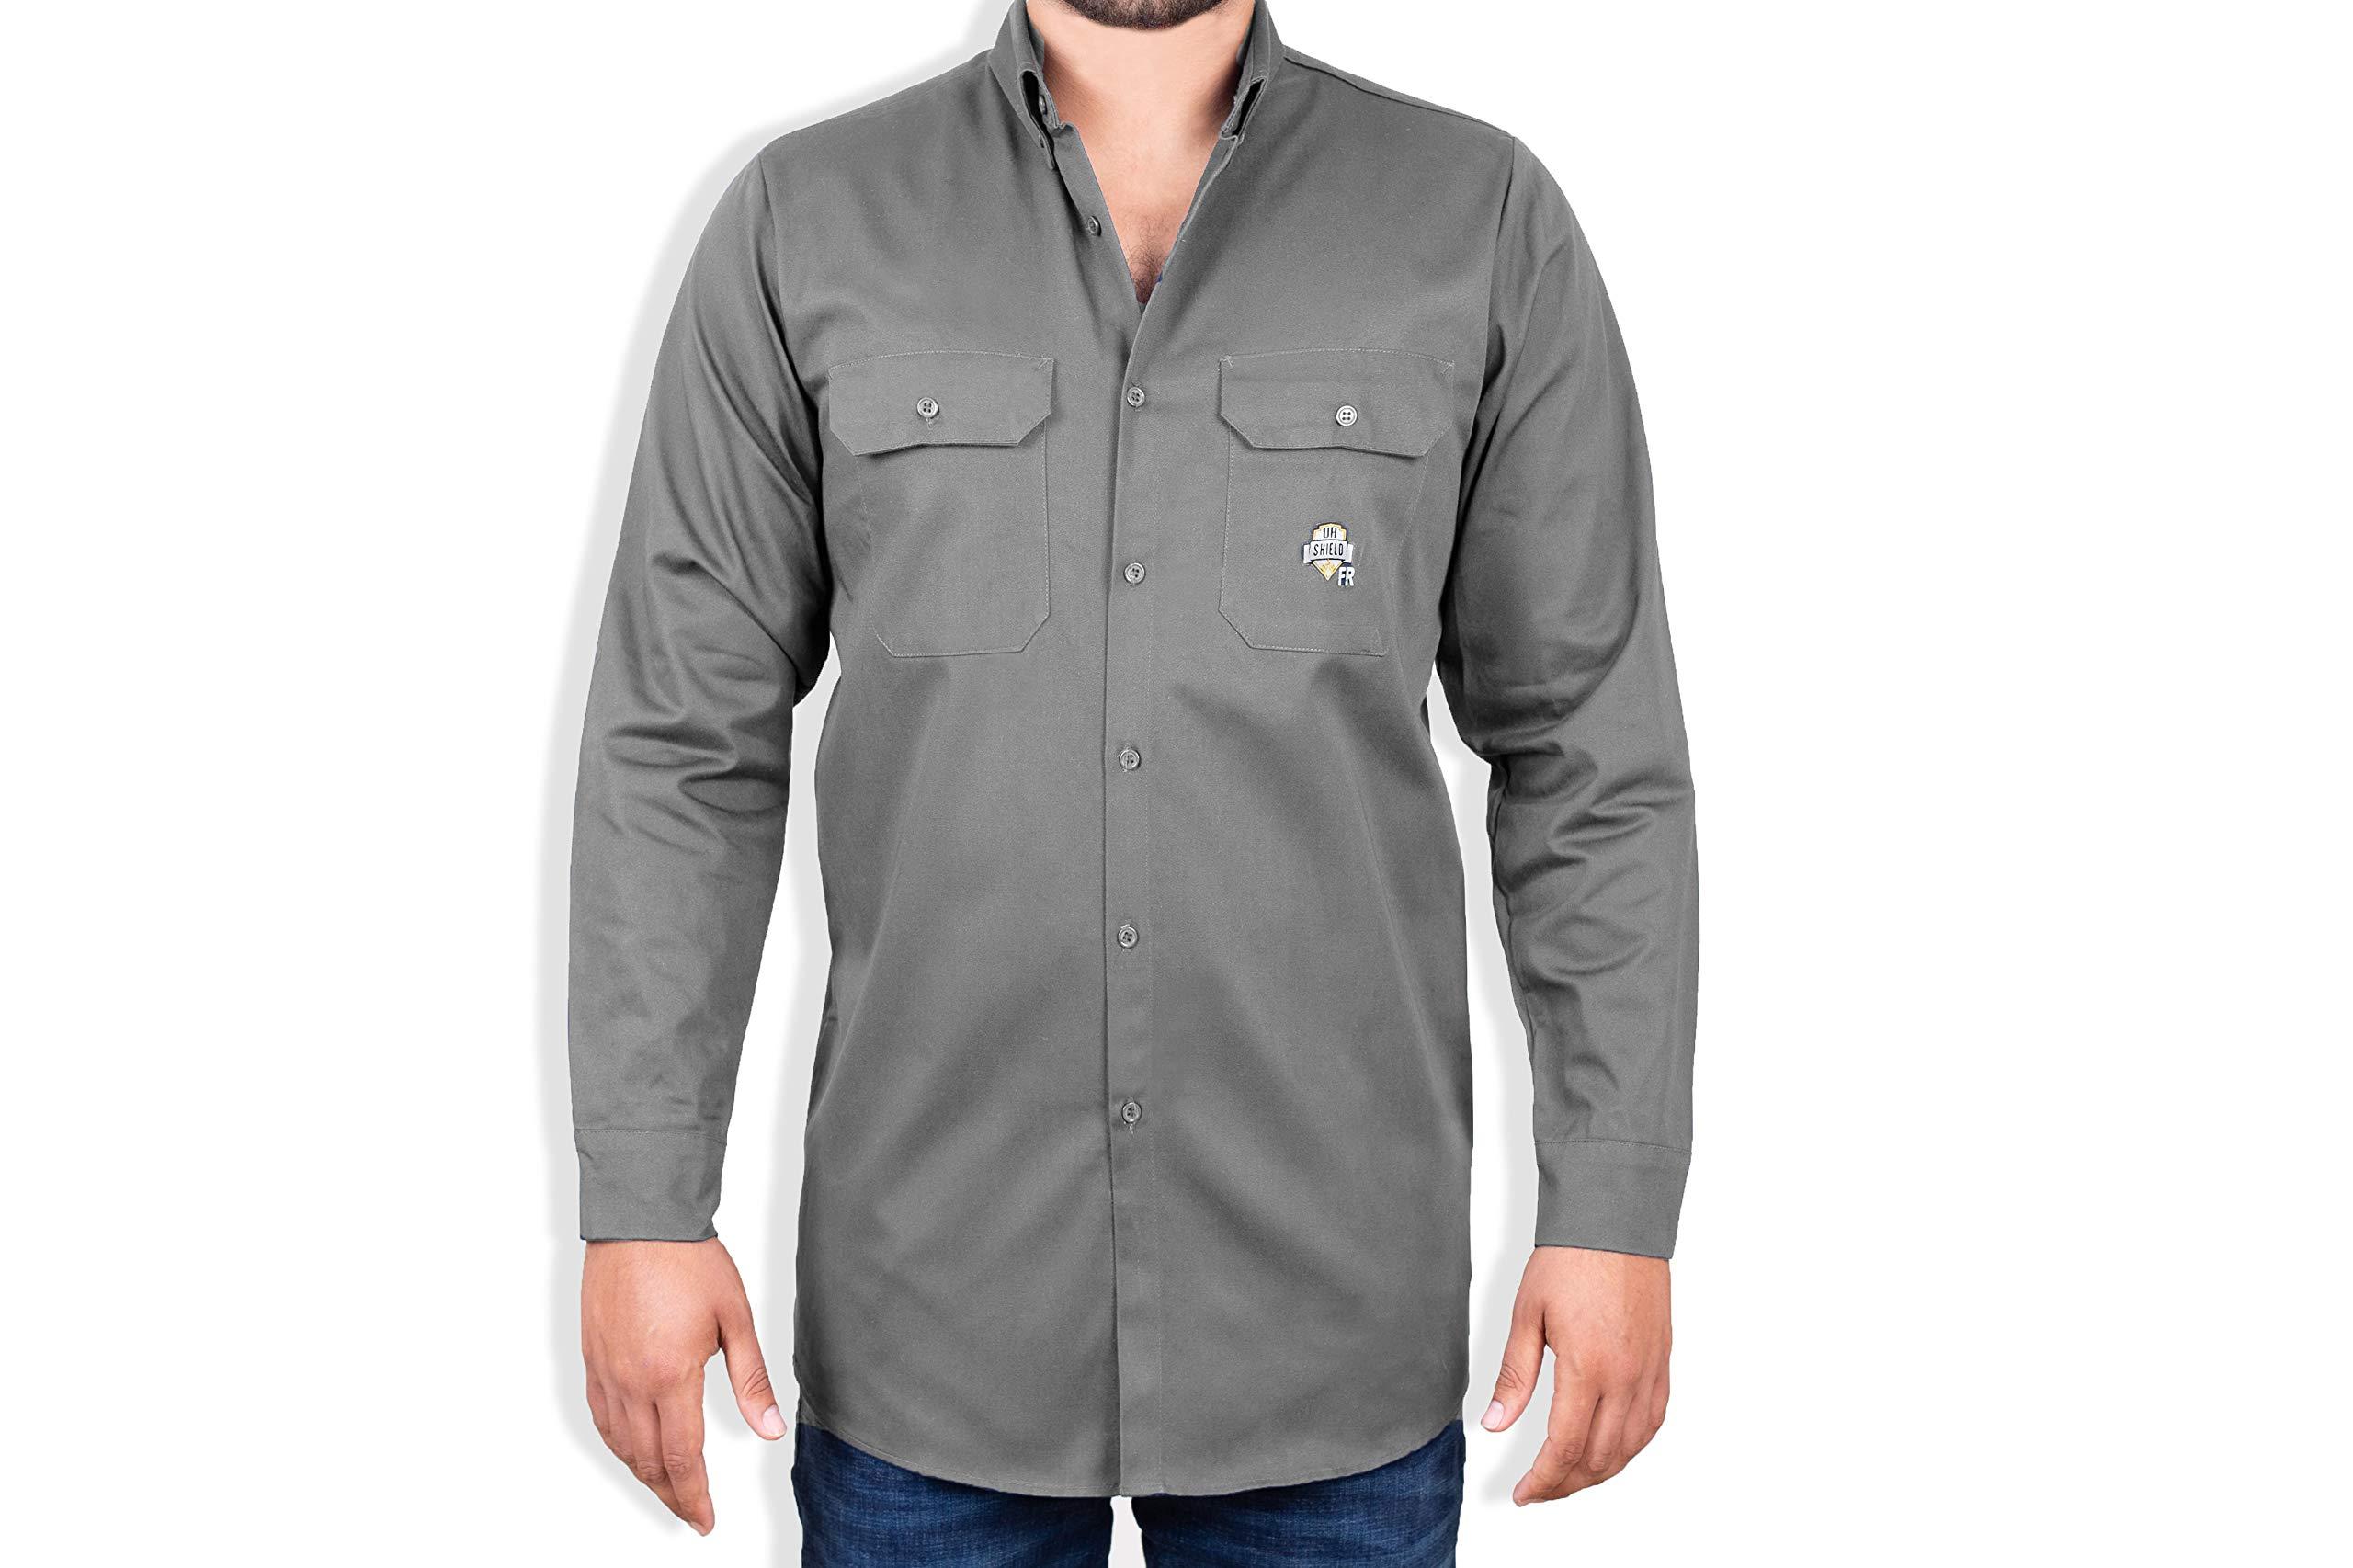 Ur Shield FR Shirt for Men - Fire Resistant Shirt - Work Shirt - Welding Shirt 2XL, Grey Fire Retardant Shirt - FR Clothing for Welders & Electricians